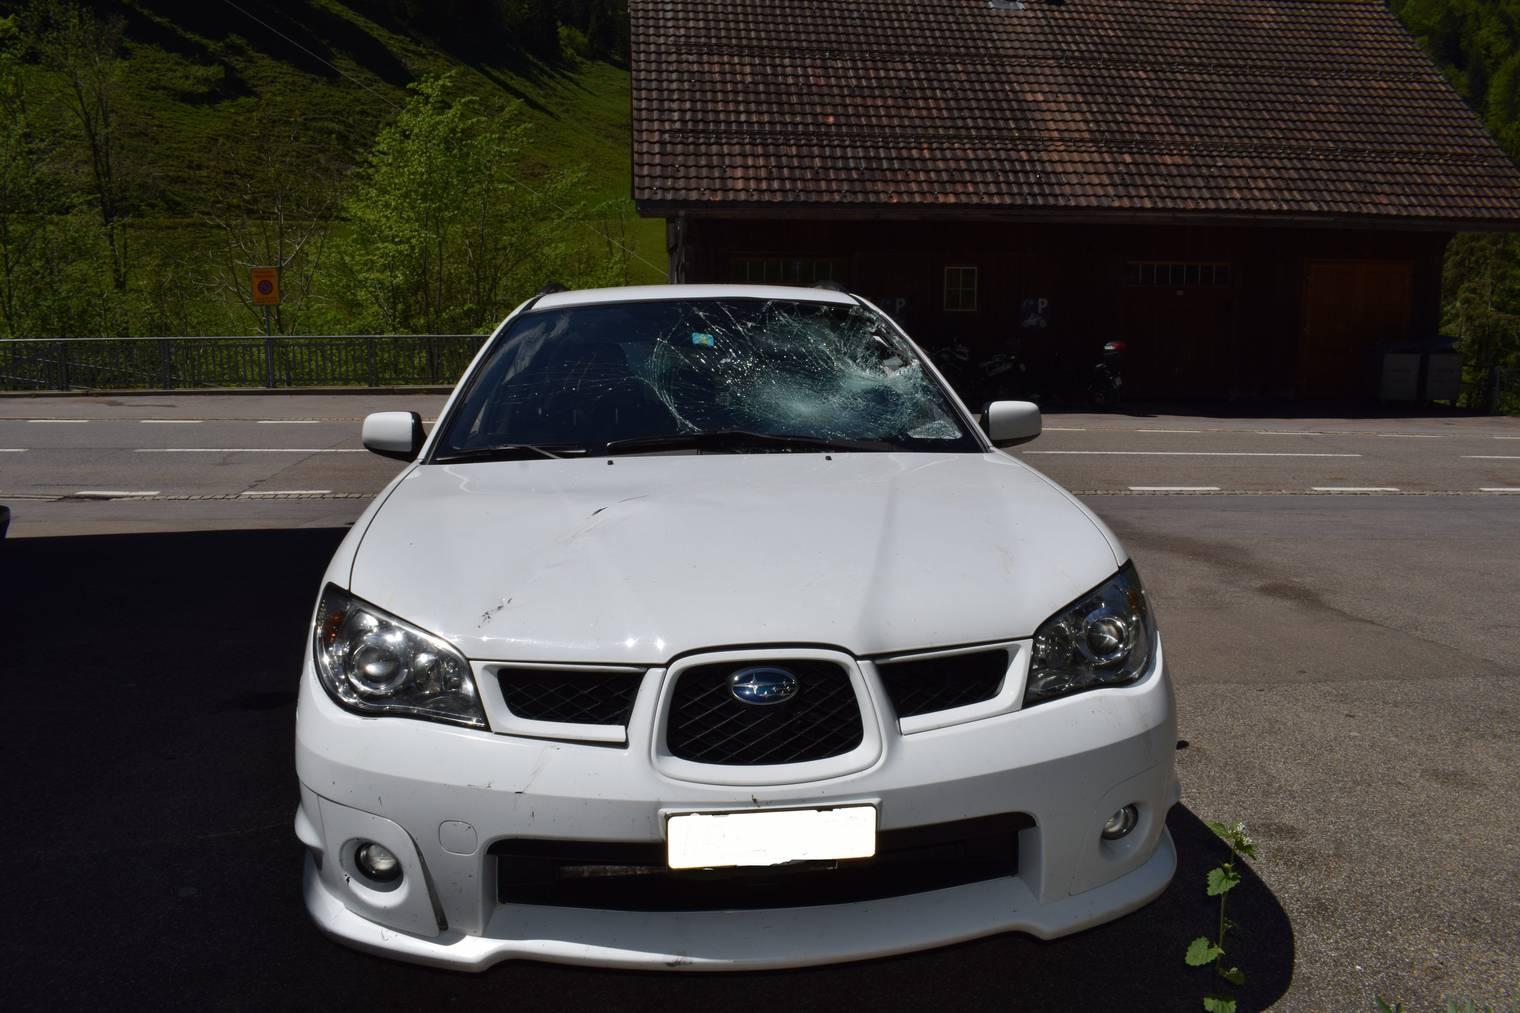 So sieht das Unfallauto nach der Kollision mit dem Velofahrer aus. (Bild: Kapo AR)